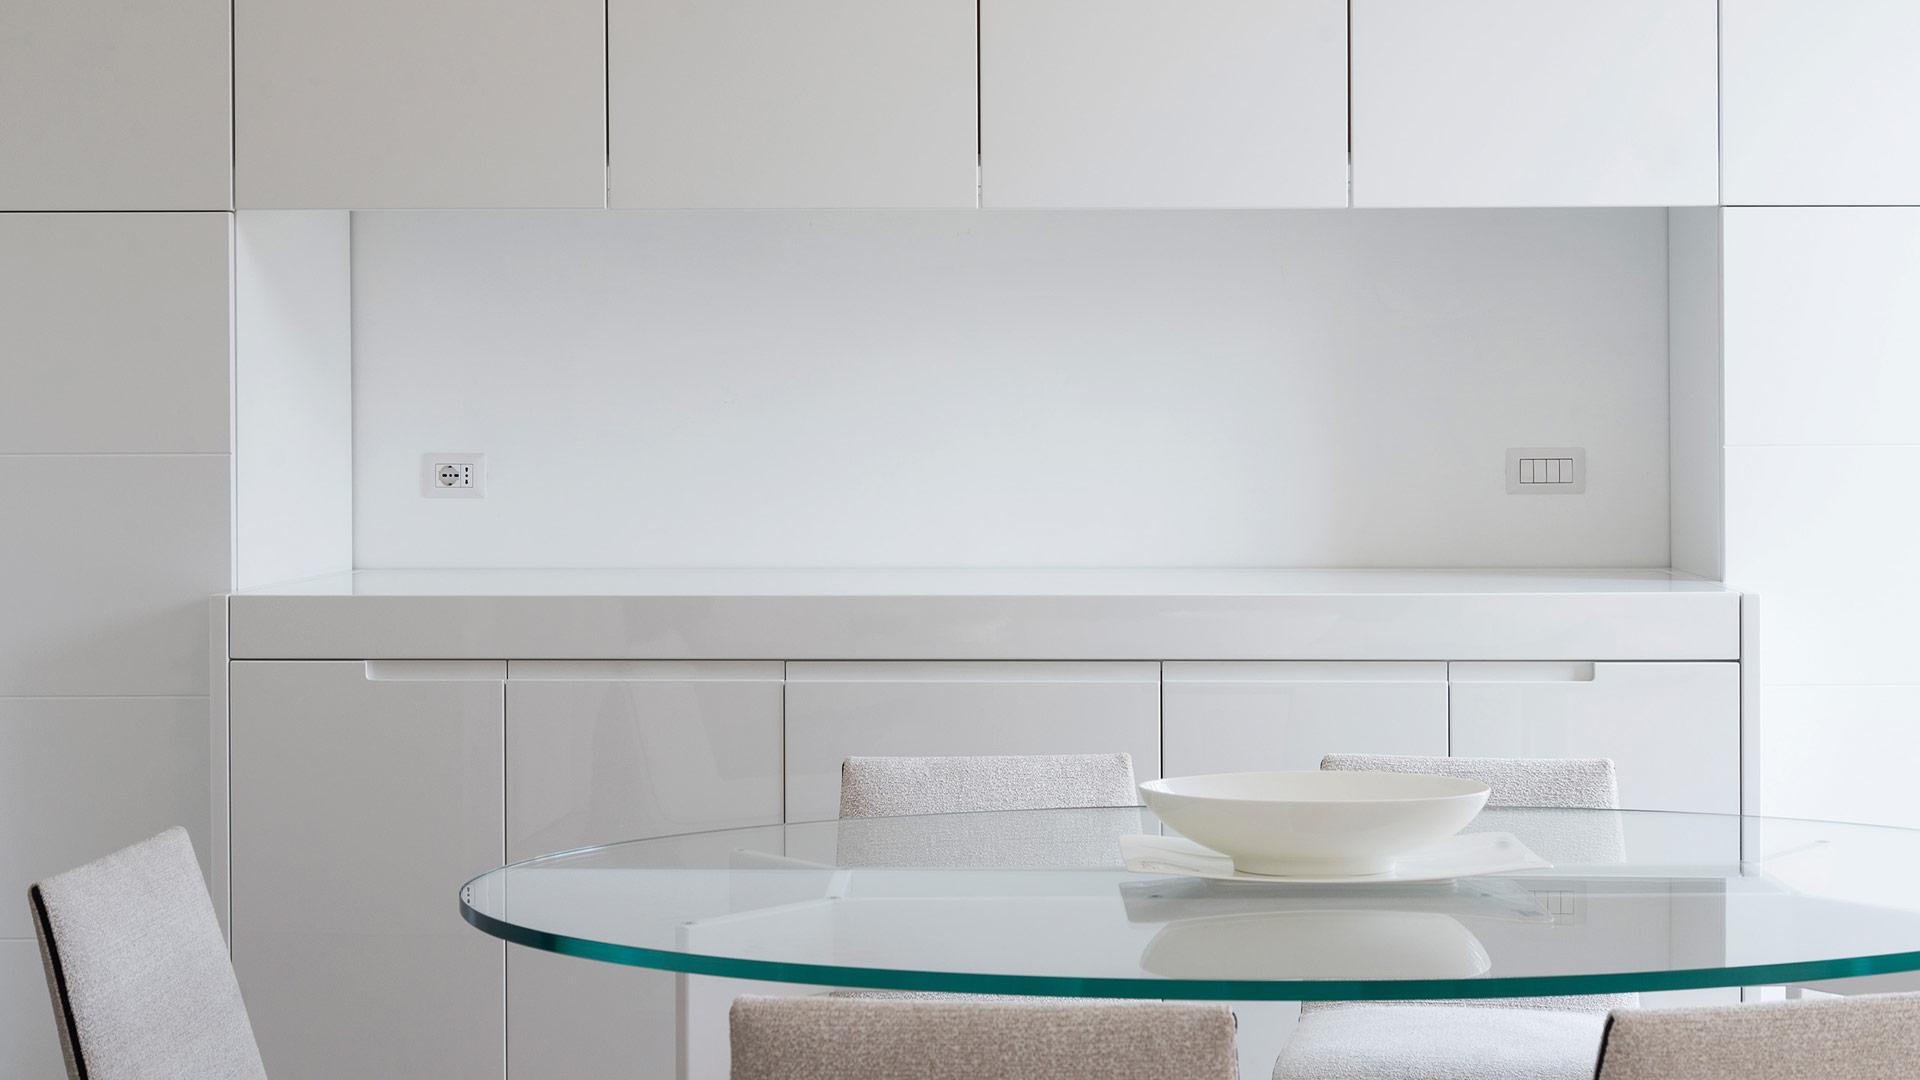 Progetto Interior Design open space Roma - Sawiris-contract-01